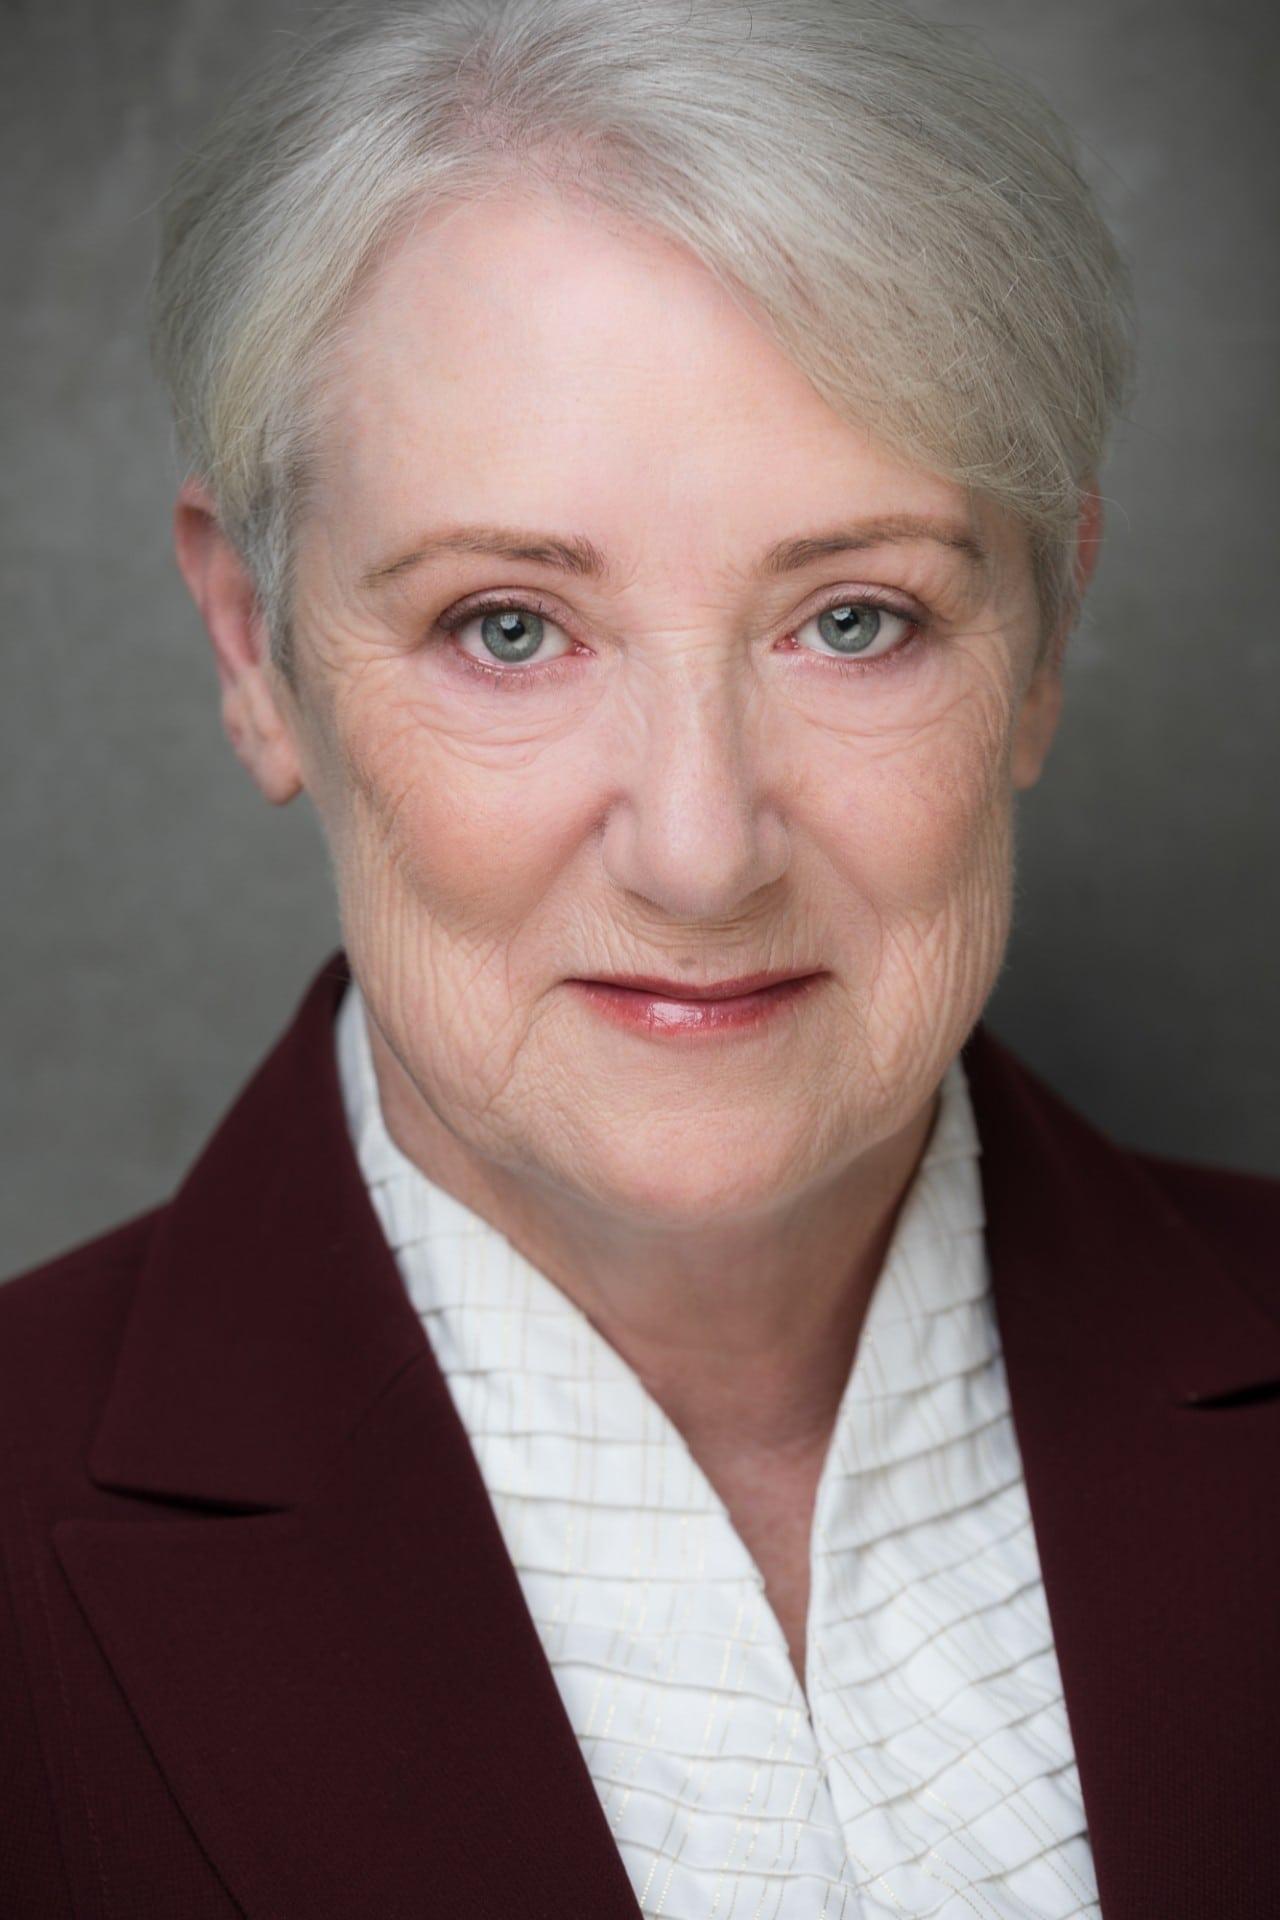 Trish Egan